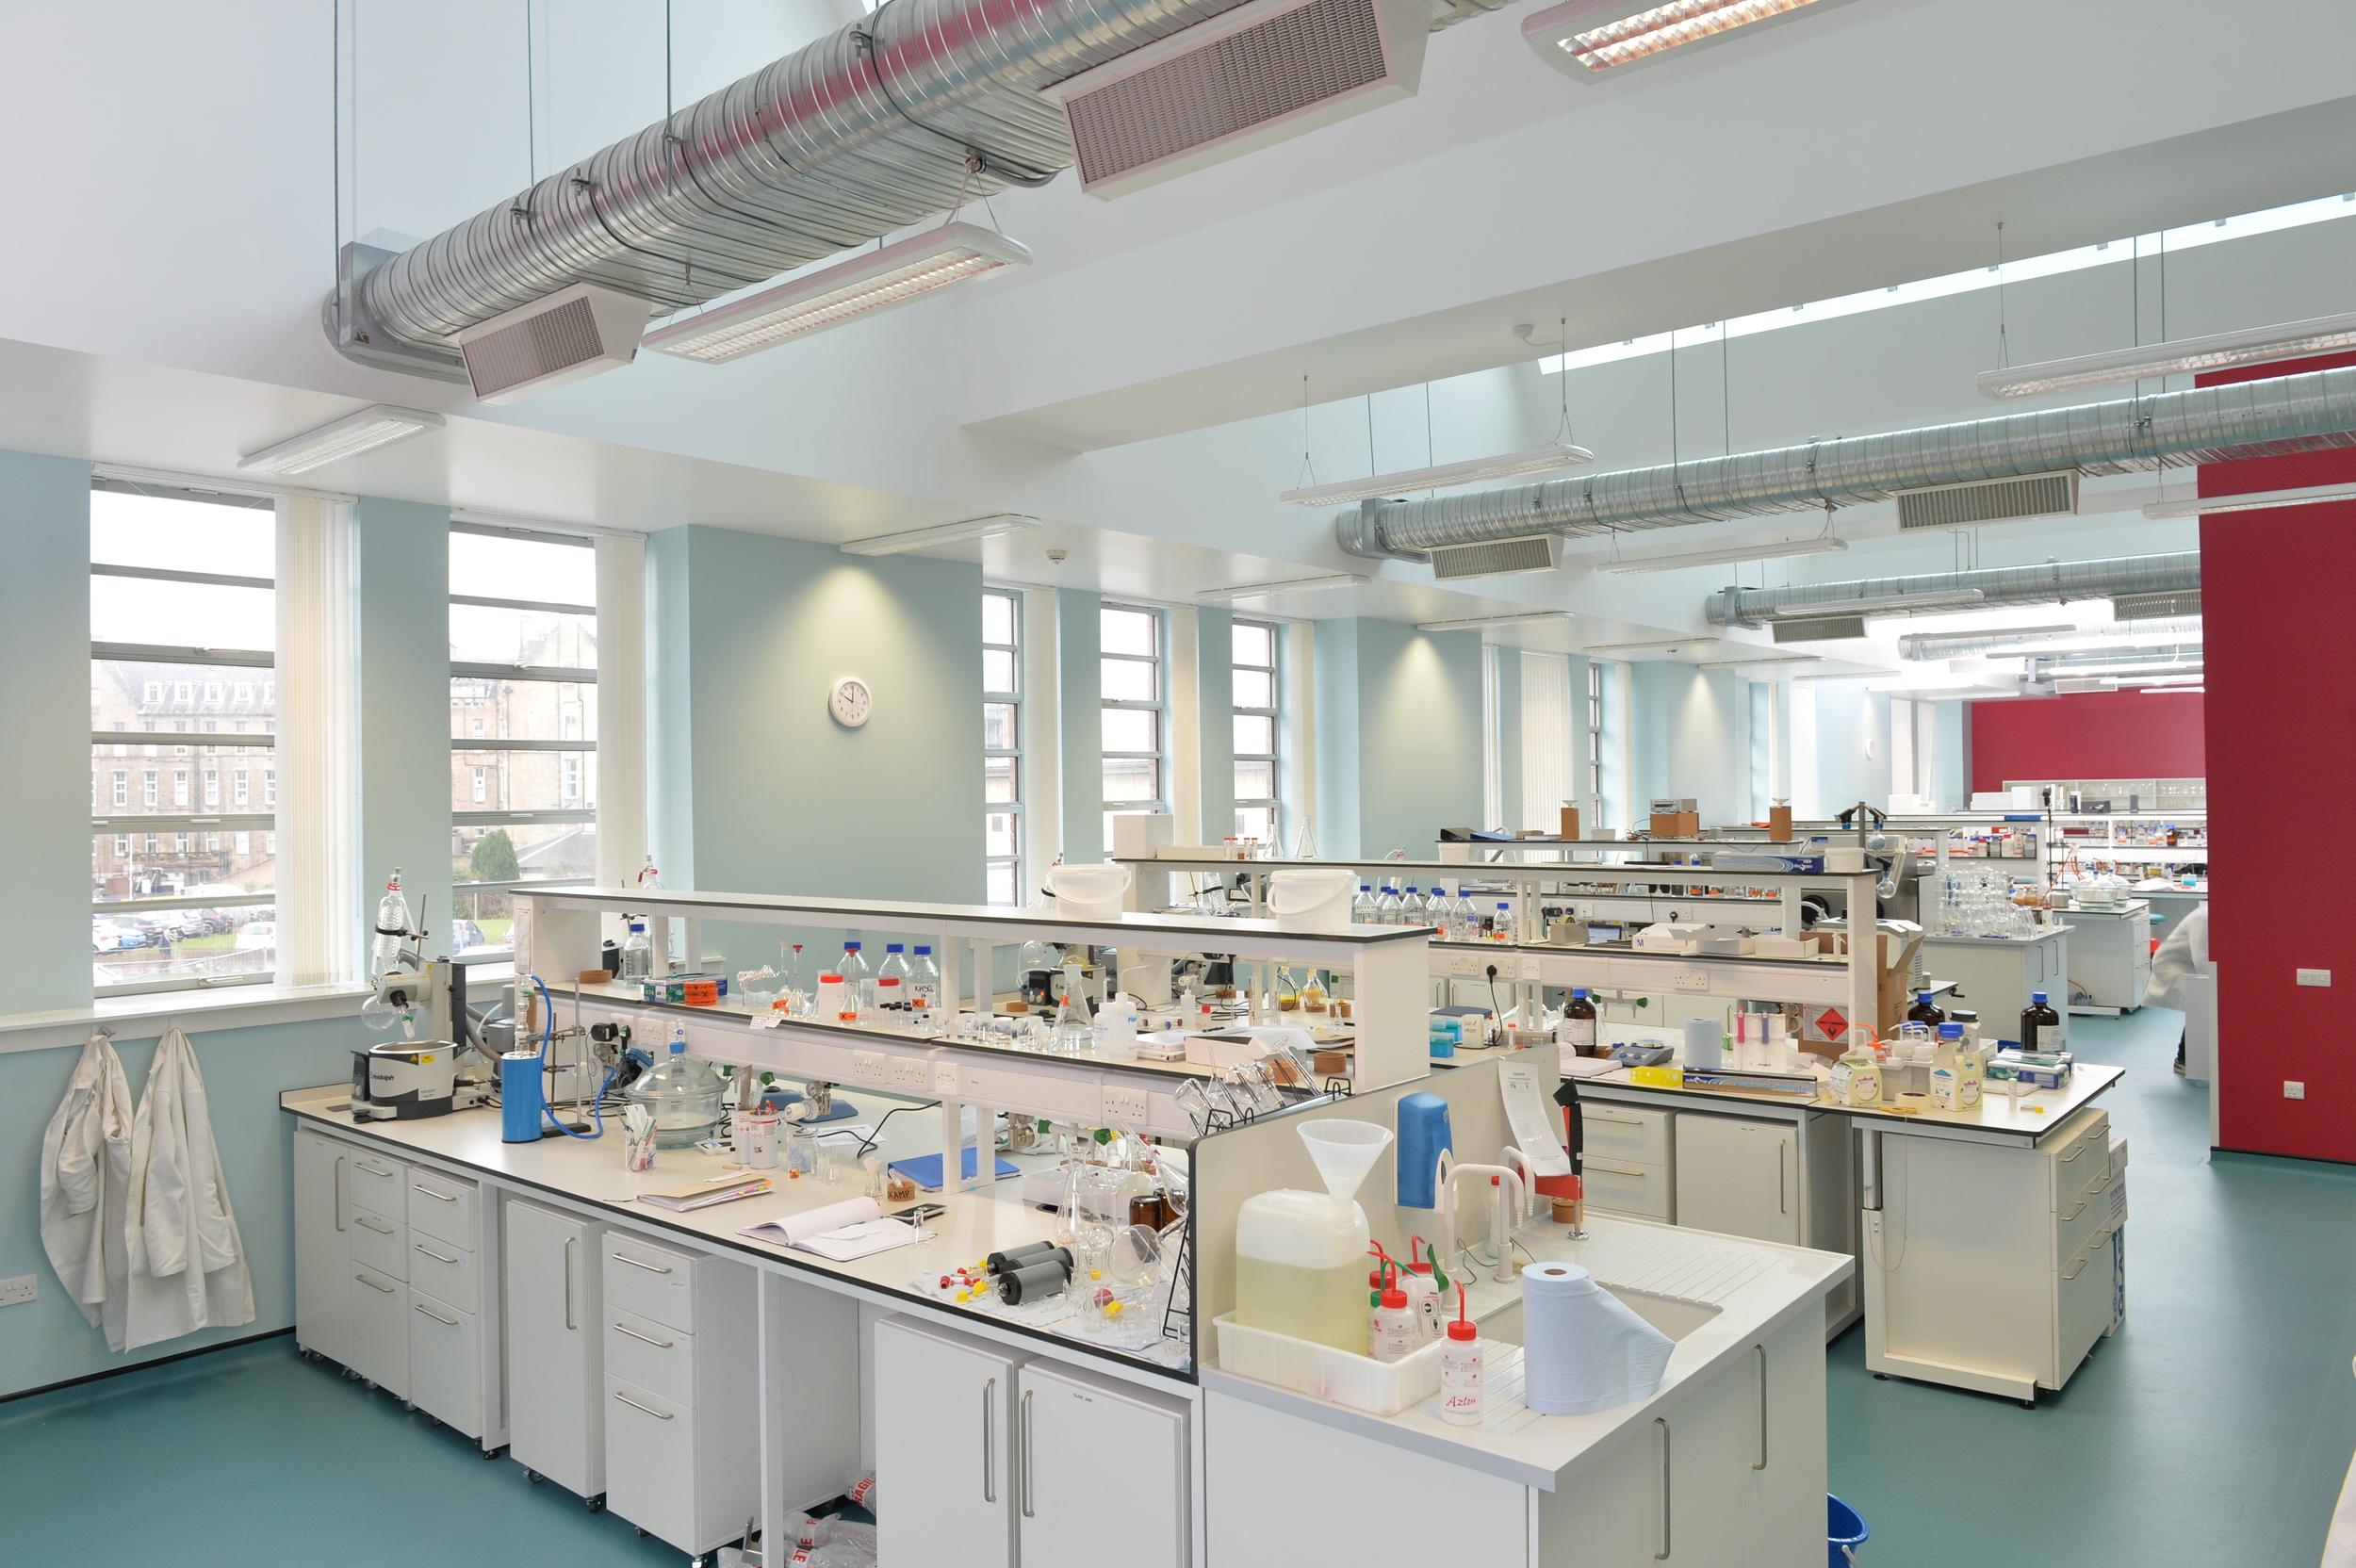 15 - 036 BioChemistry Lab0010.JPG